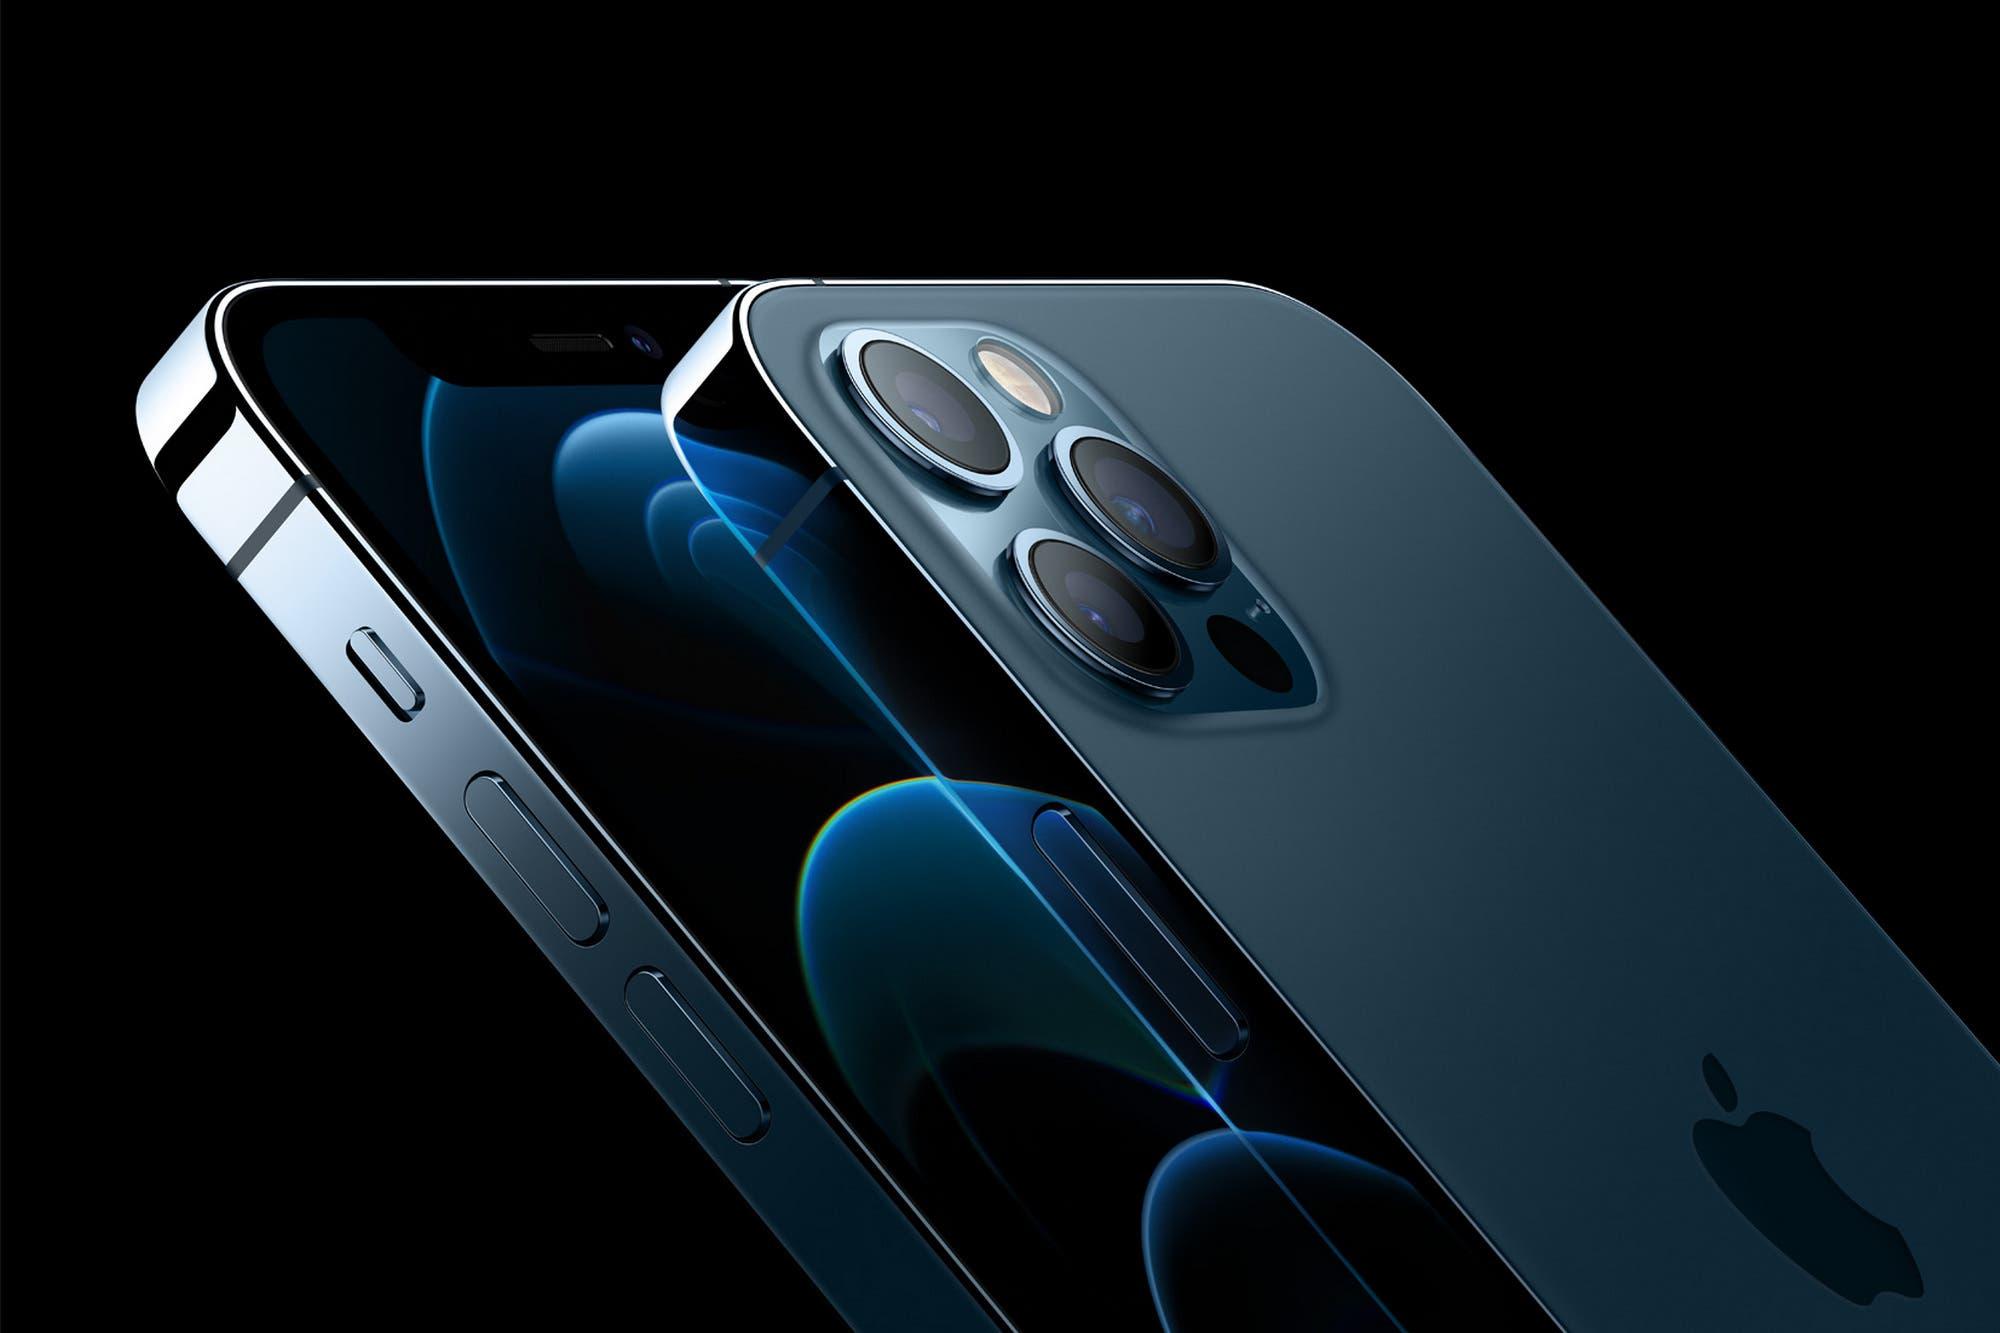 iPhone 12 Pro y iPhone 12 Pro Max: así son los teléfonos más potentes de Apple